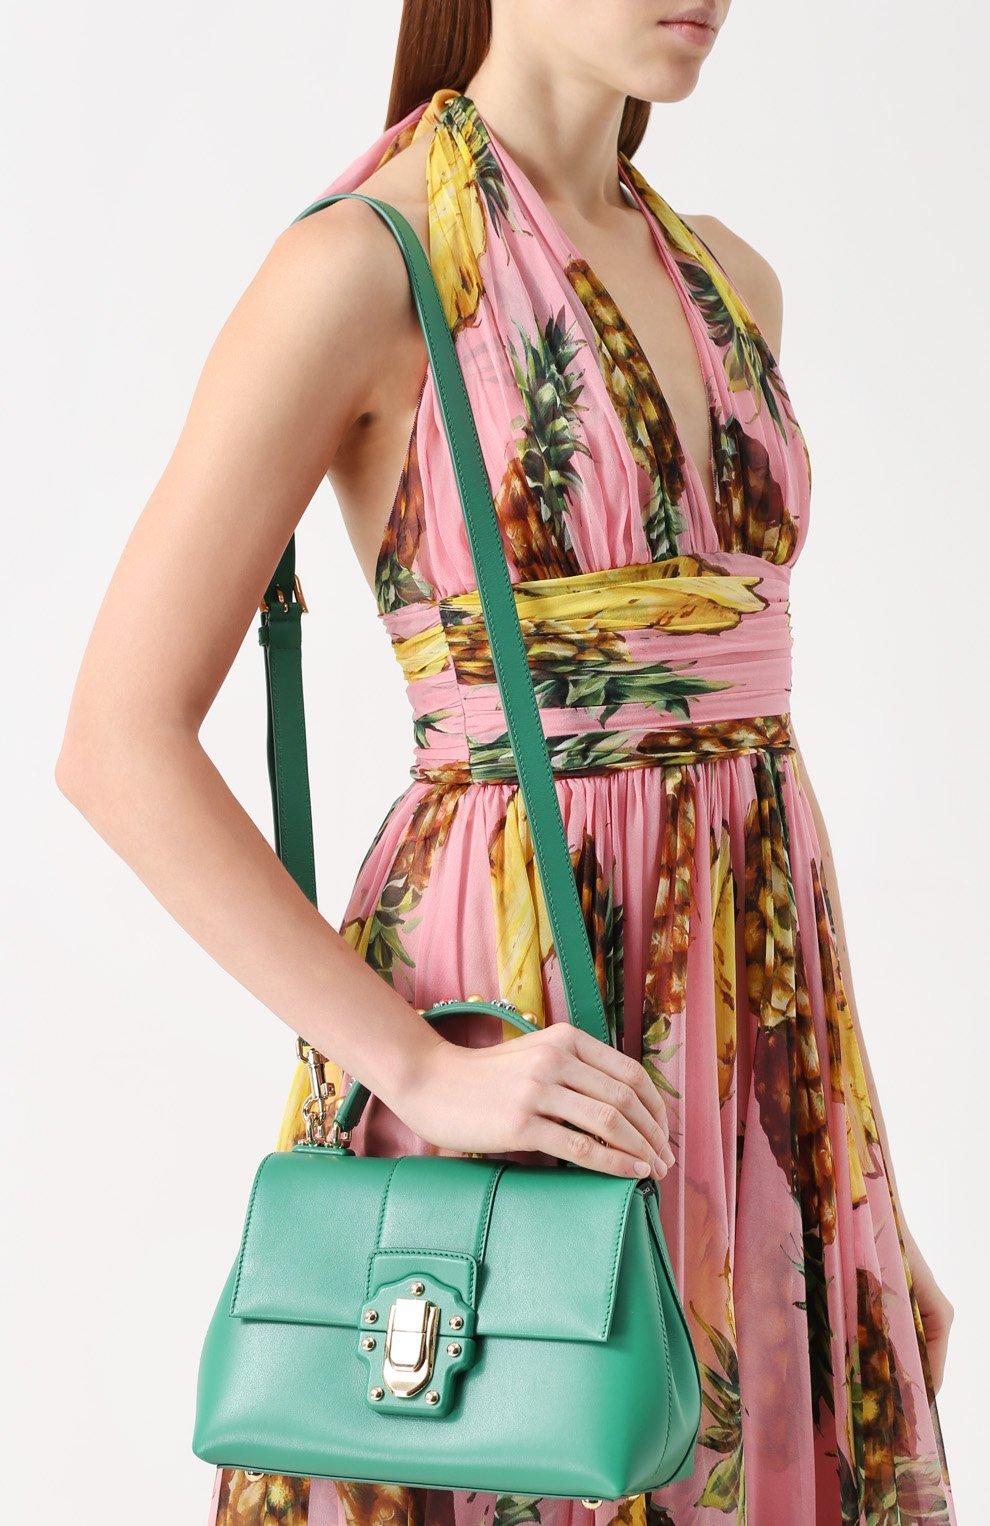 Сумка Lucia small с декорированной ручкой Dolce & Gabbana зеленая цвета | Фото №5